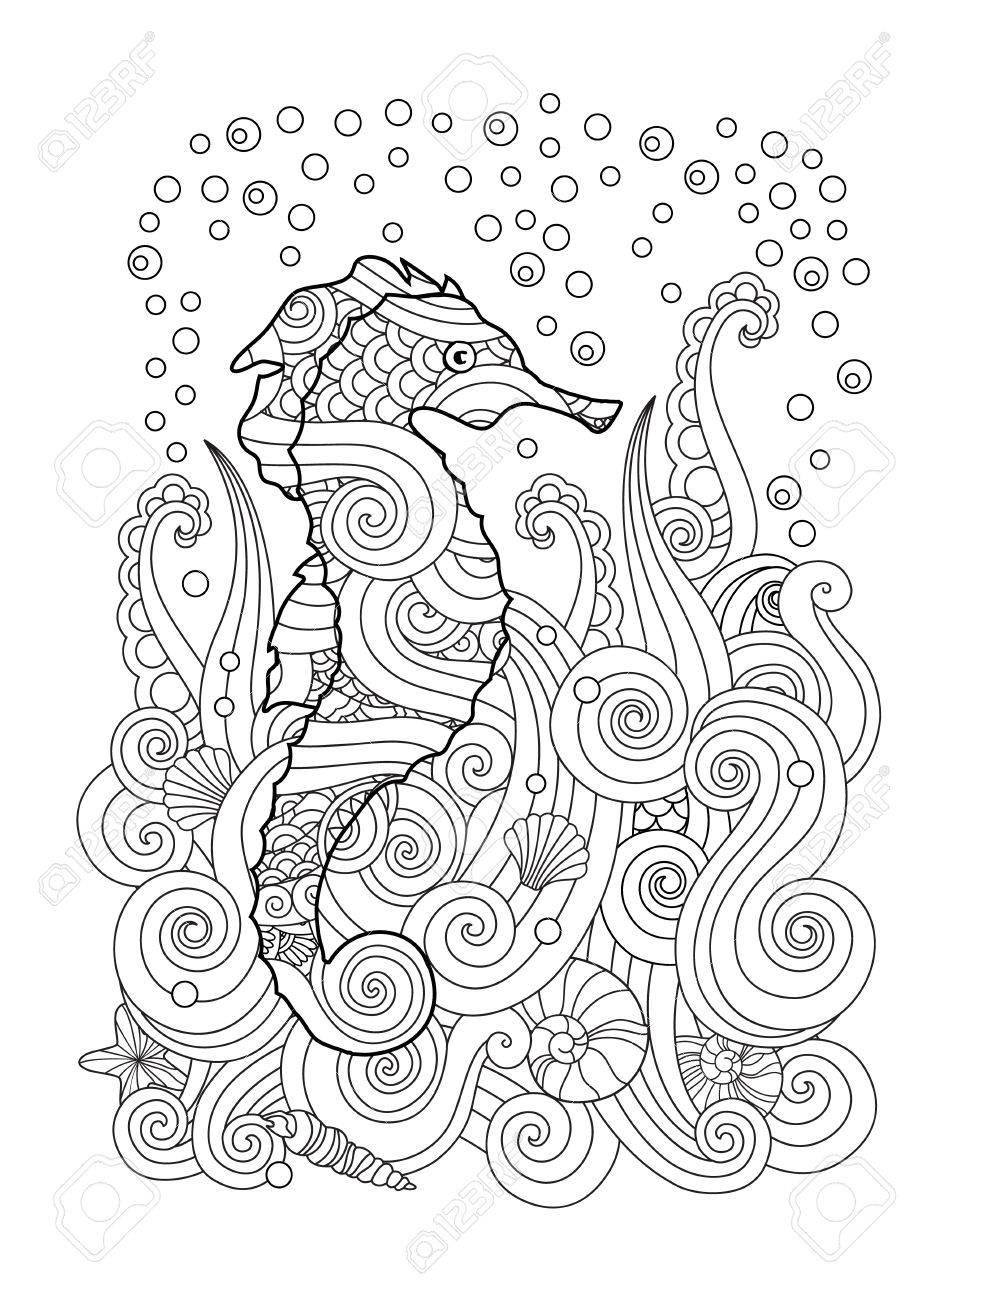 Croquis Dessiné Main D Hippocampe Sous La Mer Dans Un Style Inspiré